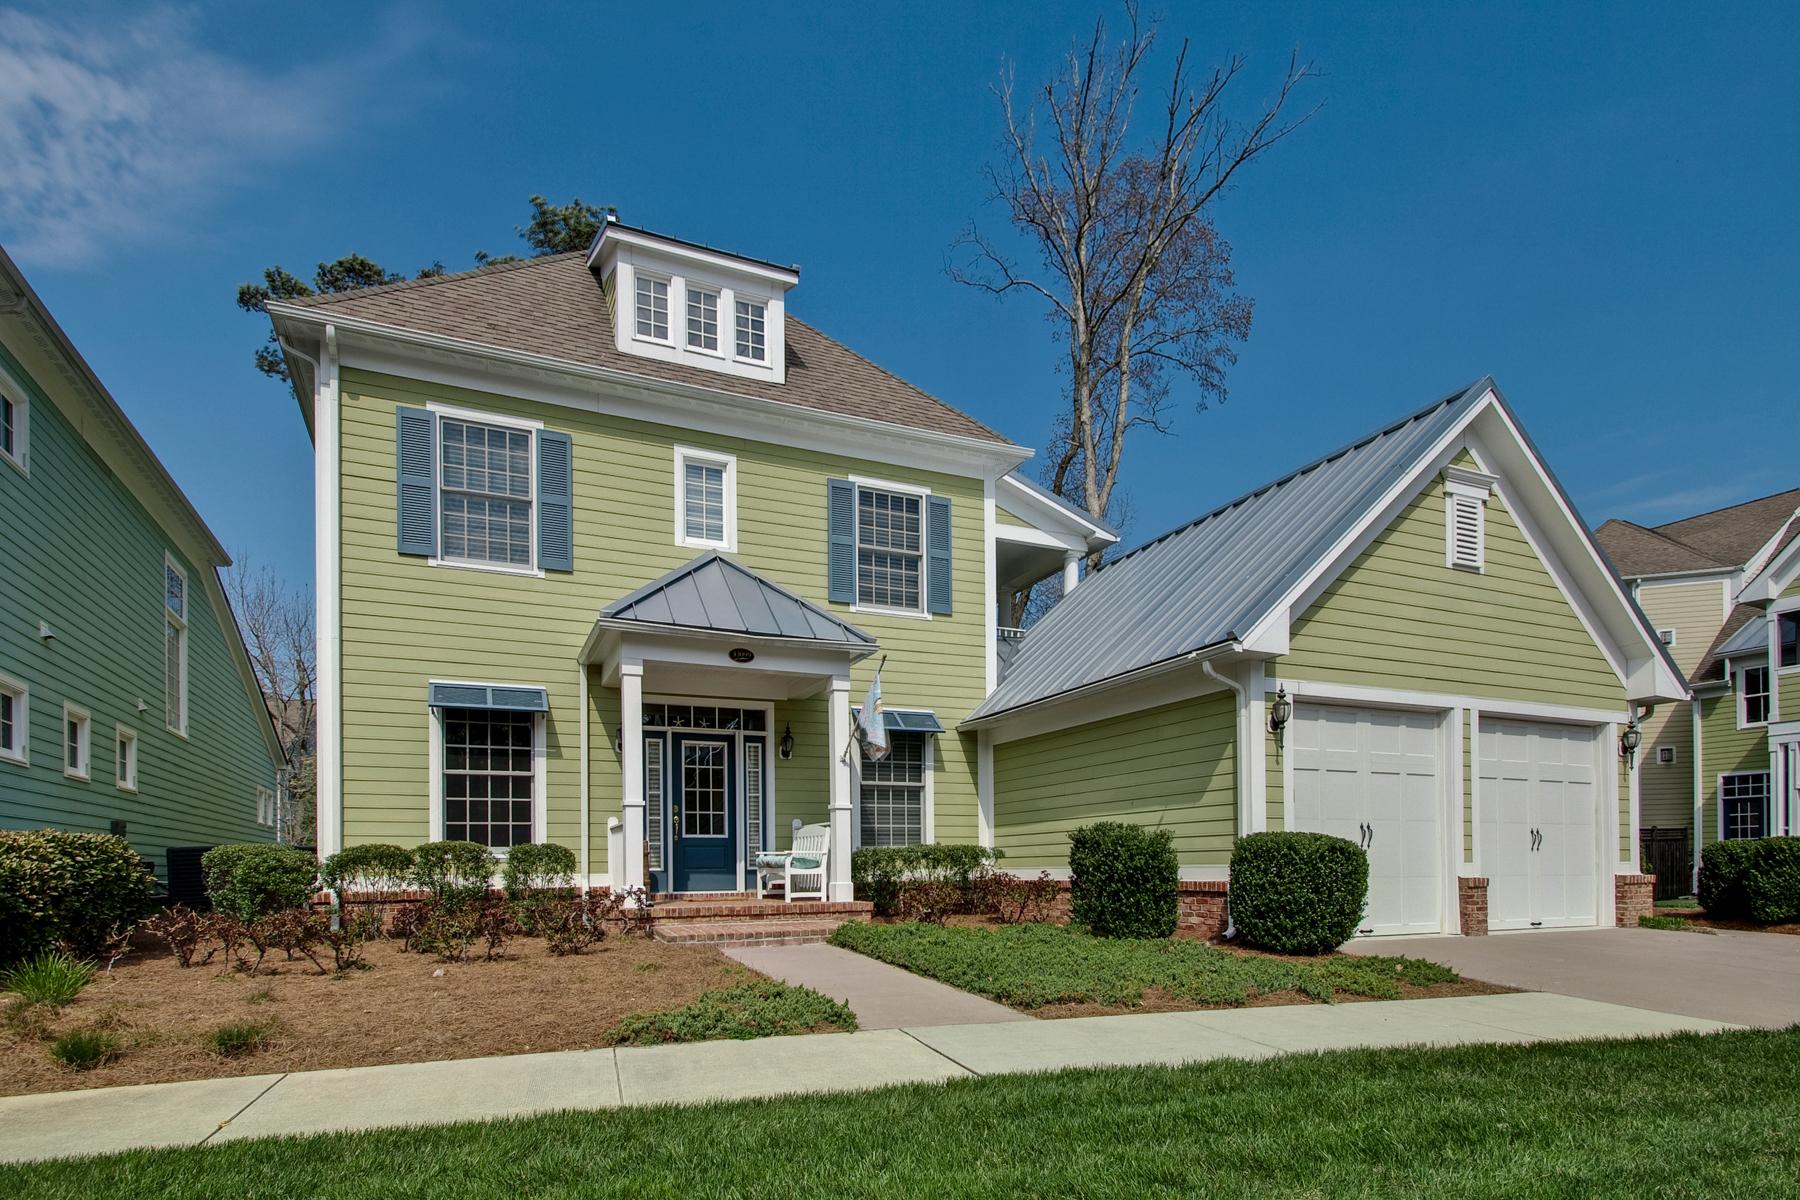 一戸建て のために 売買 アット 33099 Ambling Way , Millsboro, DE 19966 33099 Ambling Way 43, Millsboro, デラウェア, 19966 アメリカ合衆国